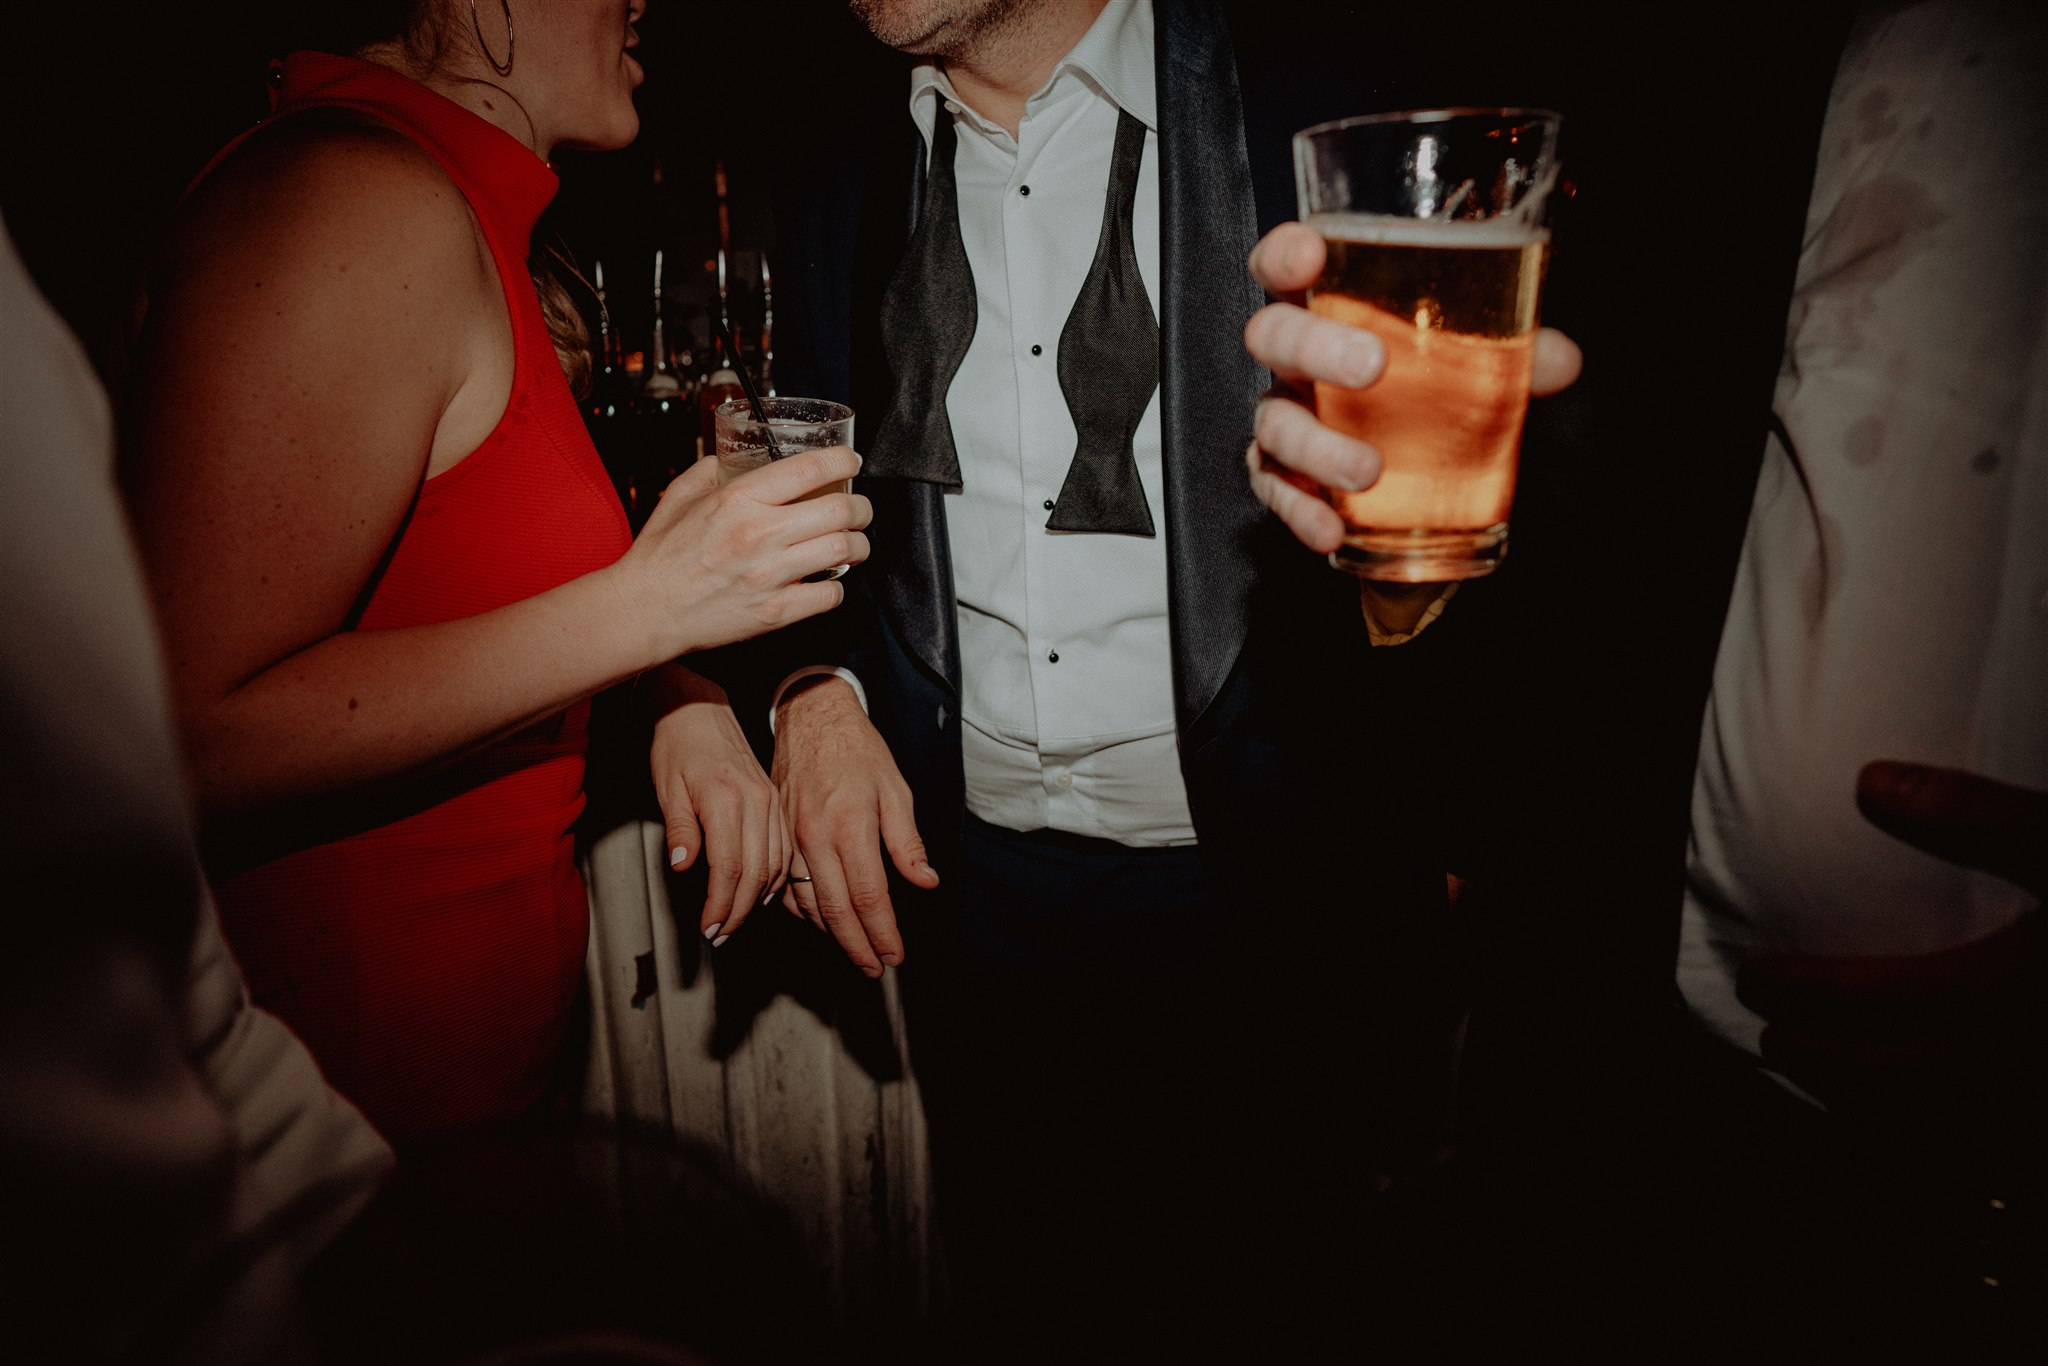 Chellise_Michael_Photography_Ramona_Brooklyn_Wedding_Photographer-963.jpg